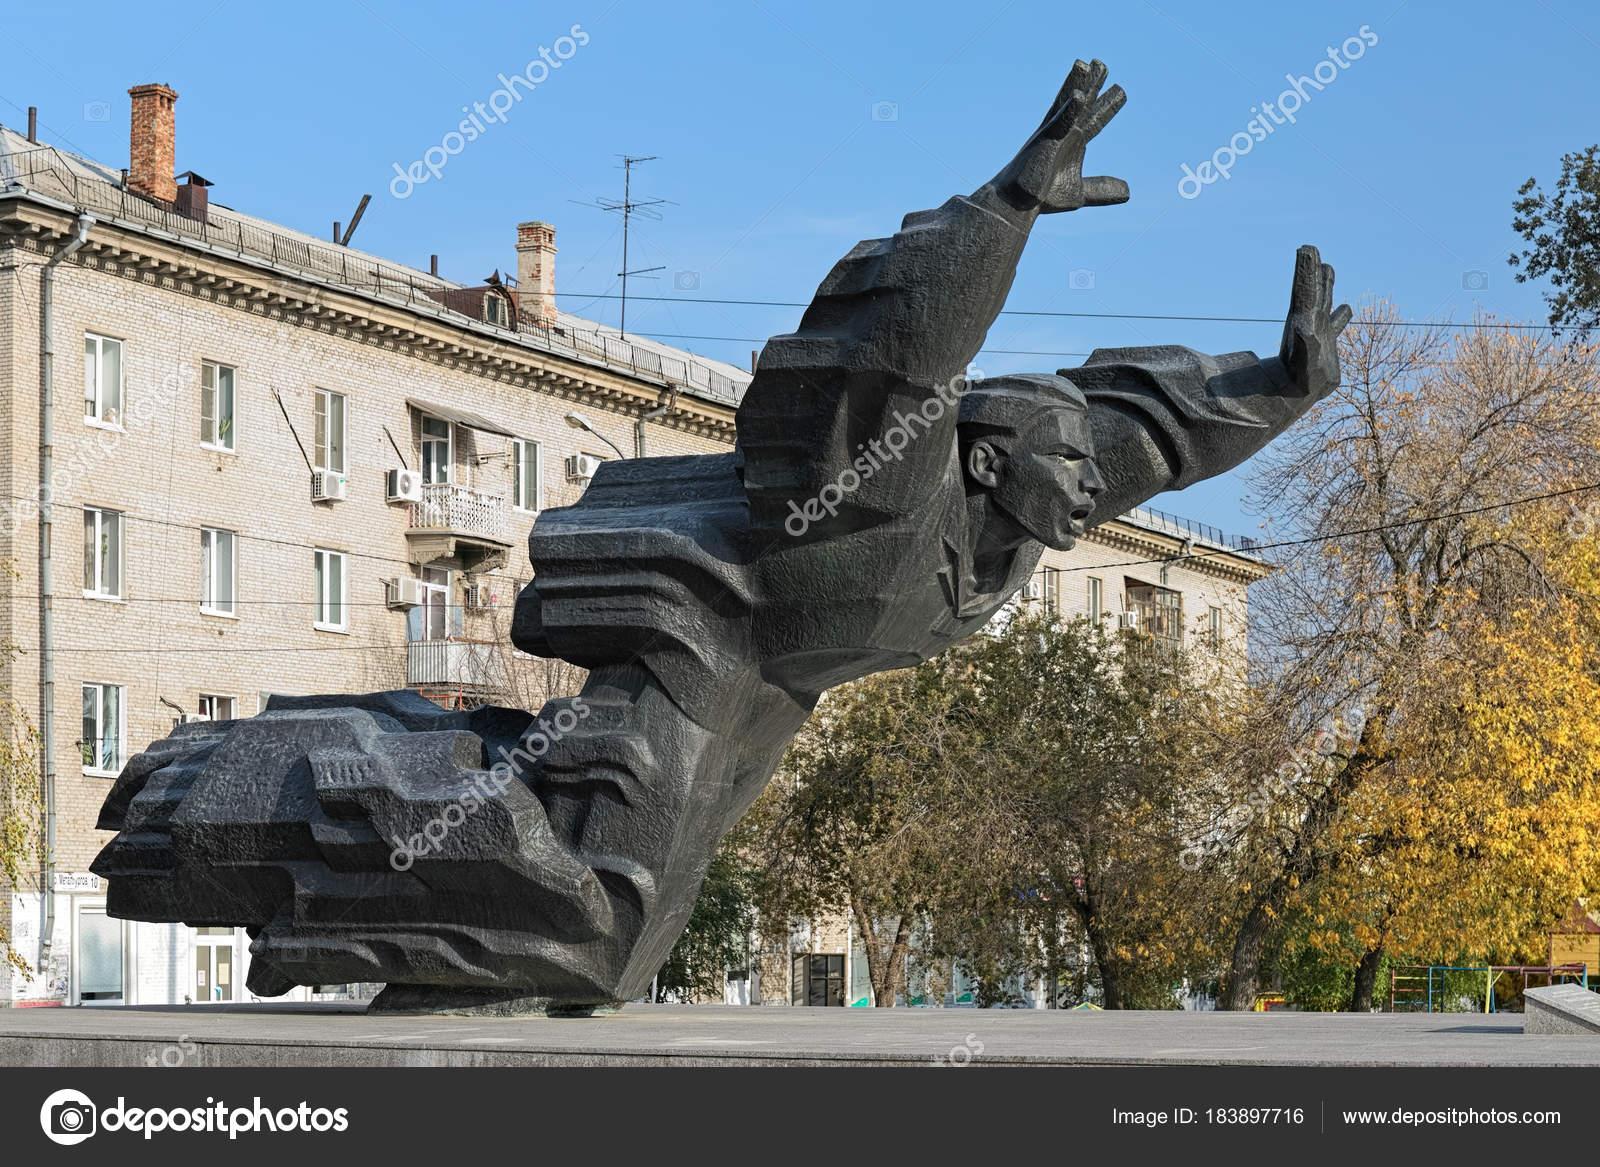 Цена на памятники волгограда за памятники недорогие фото цены ярославль